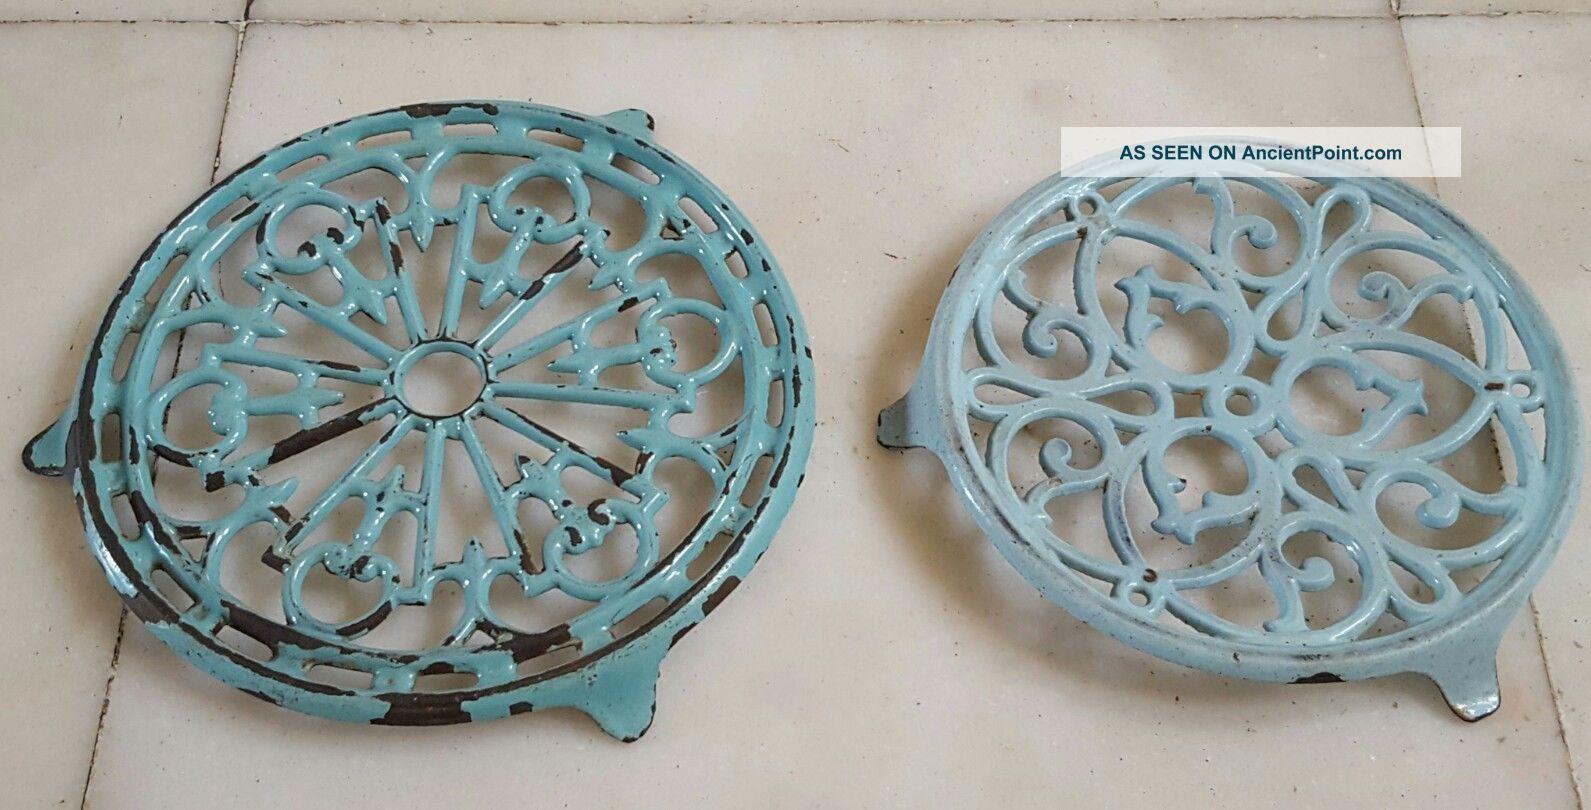 Pair Vintage French Enamel Cast Iron Trivets Light Blue Celadon Trivets photo